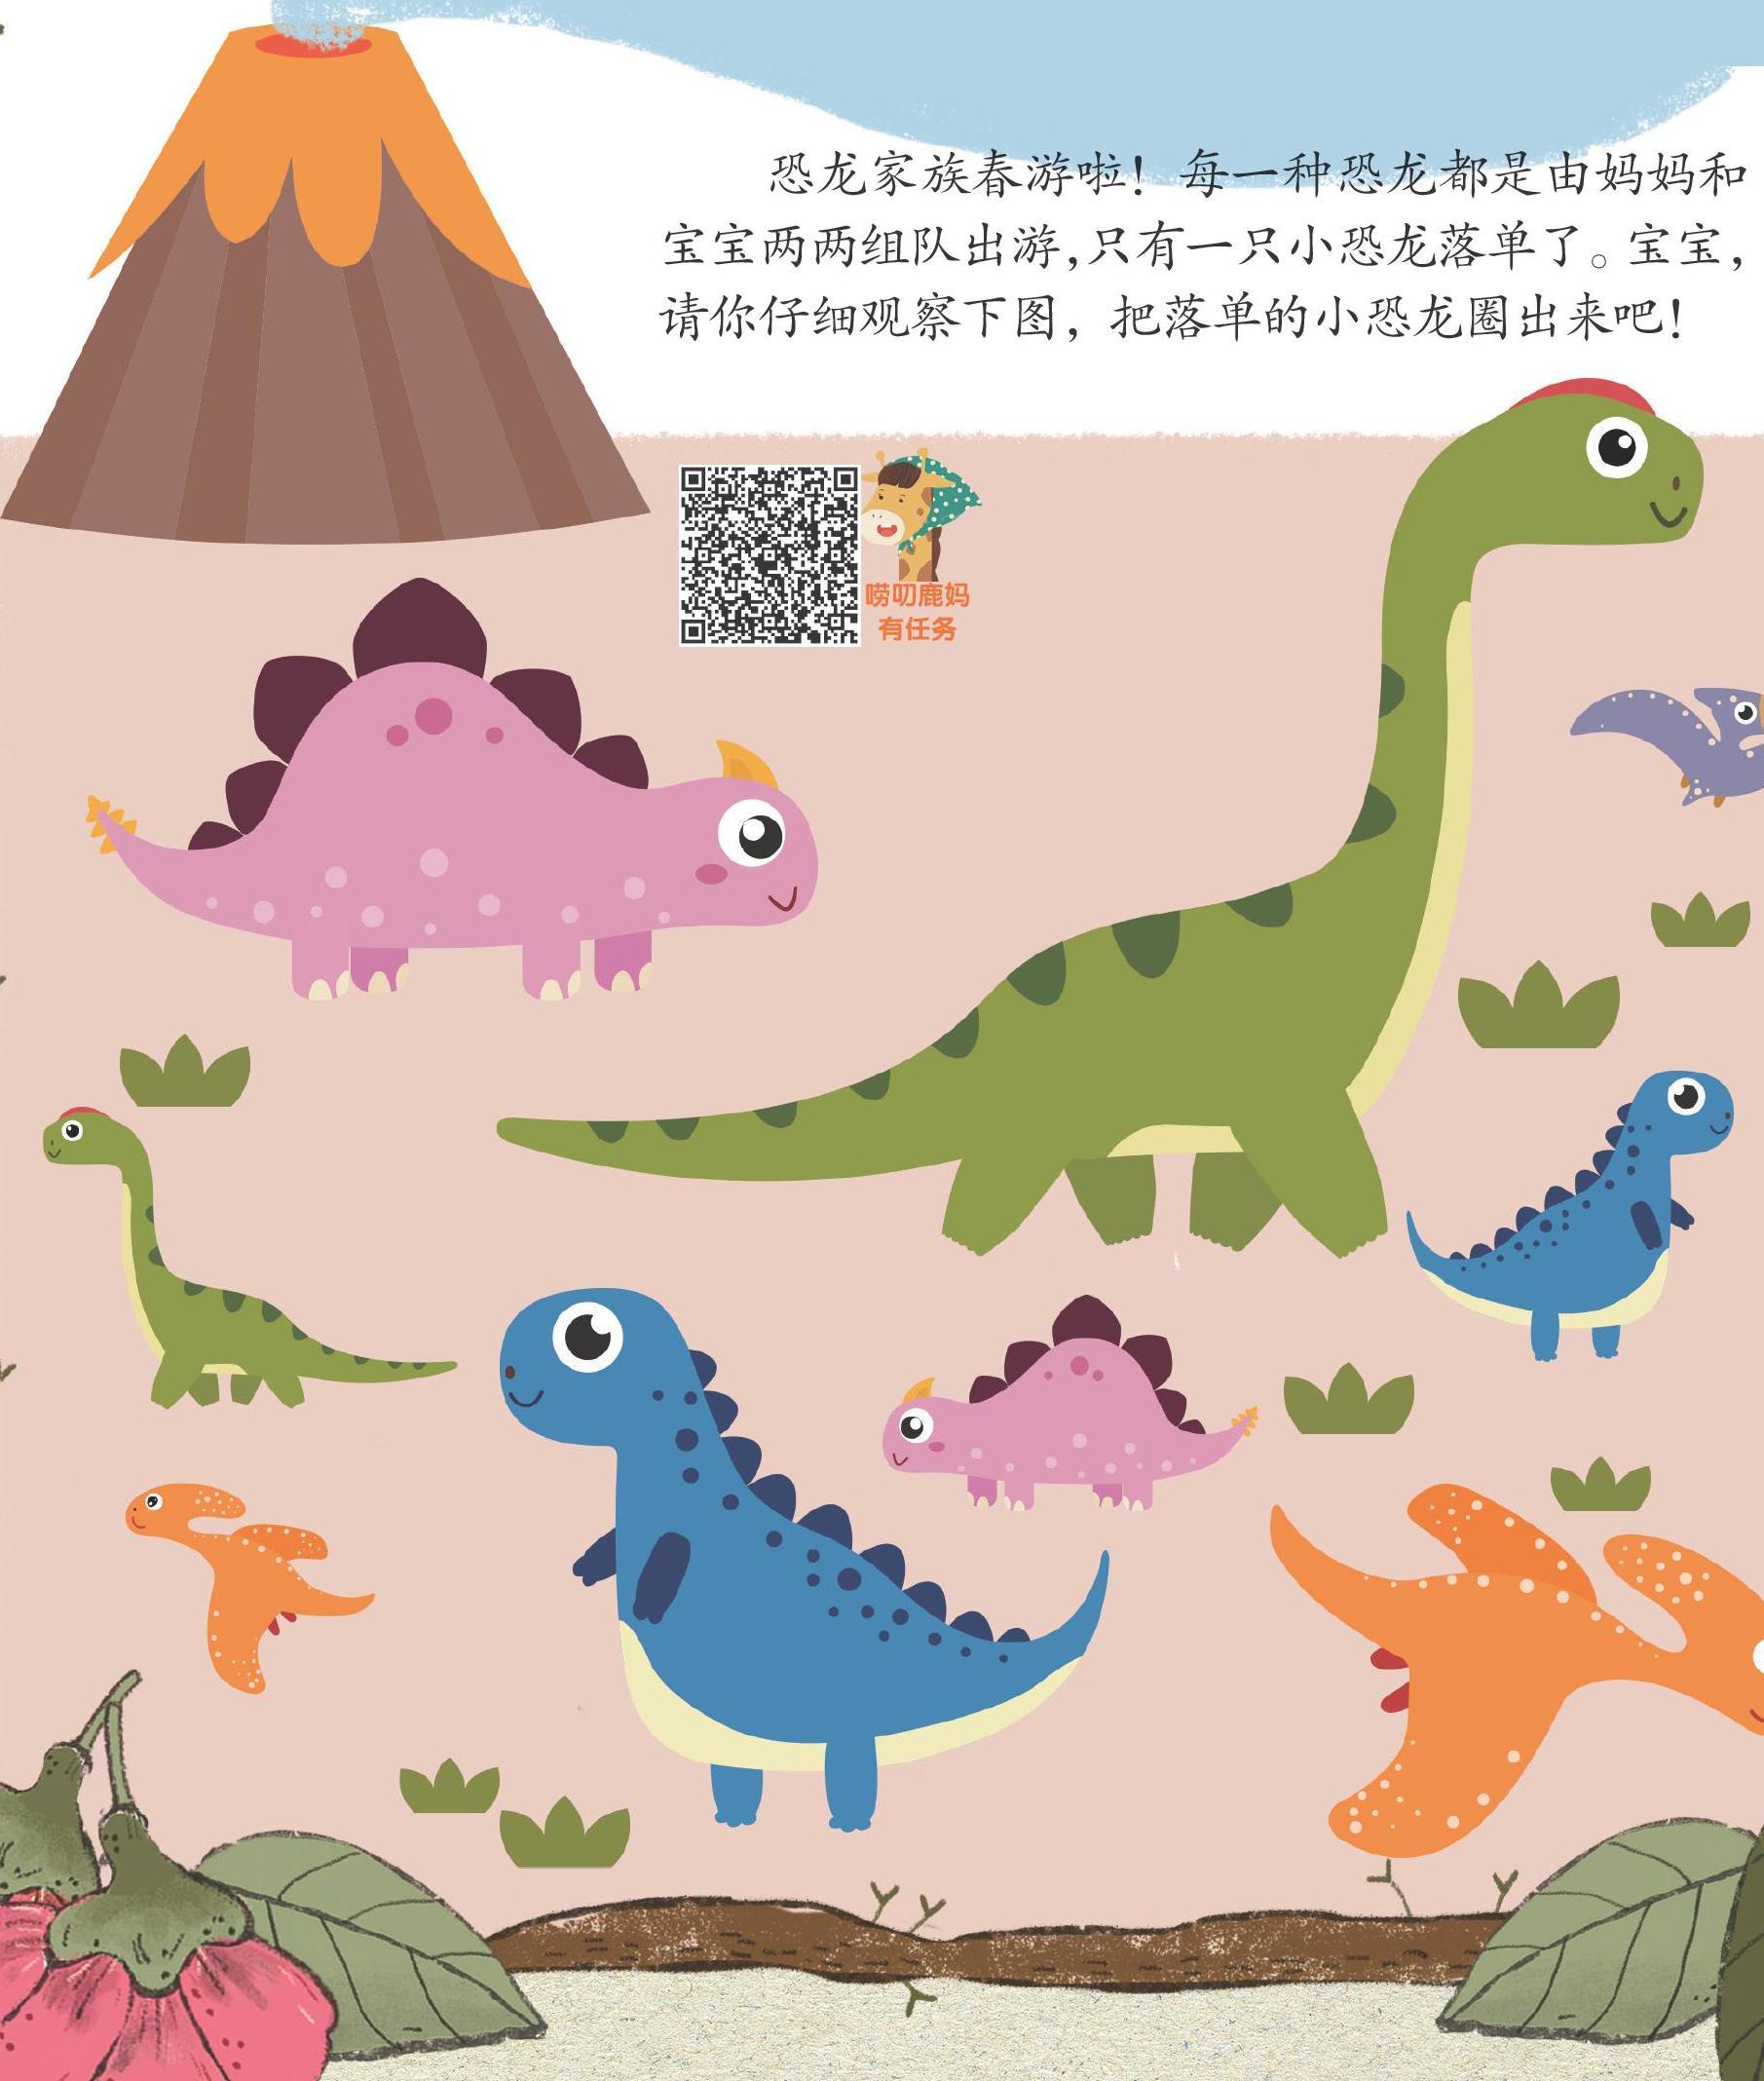 落单的小恐龙